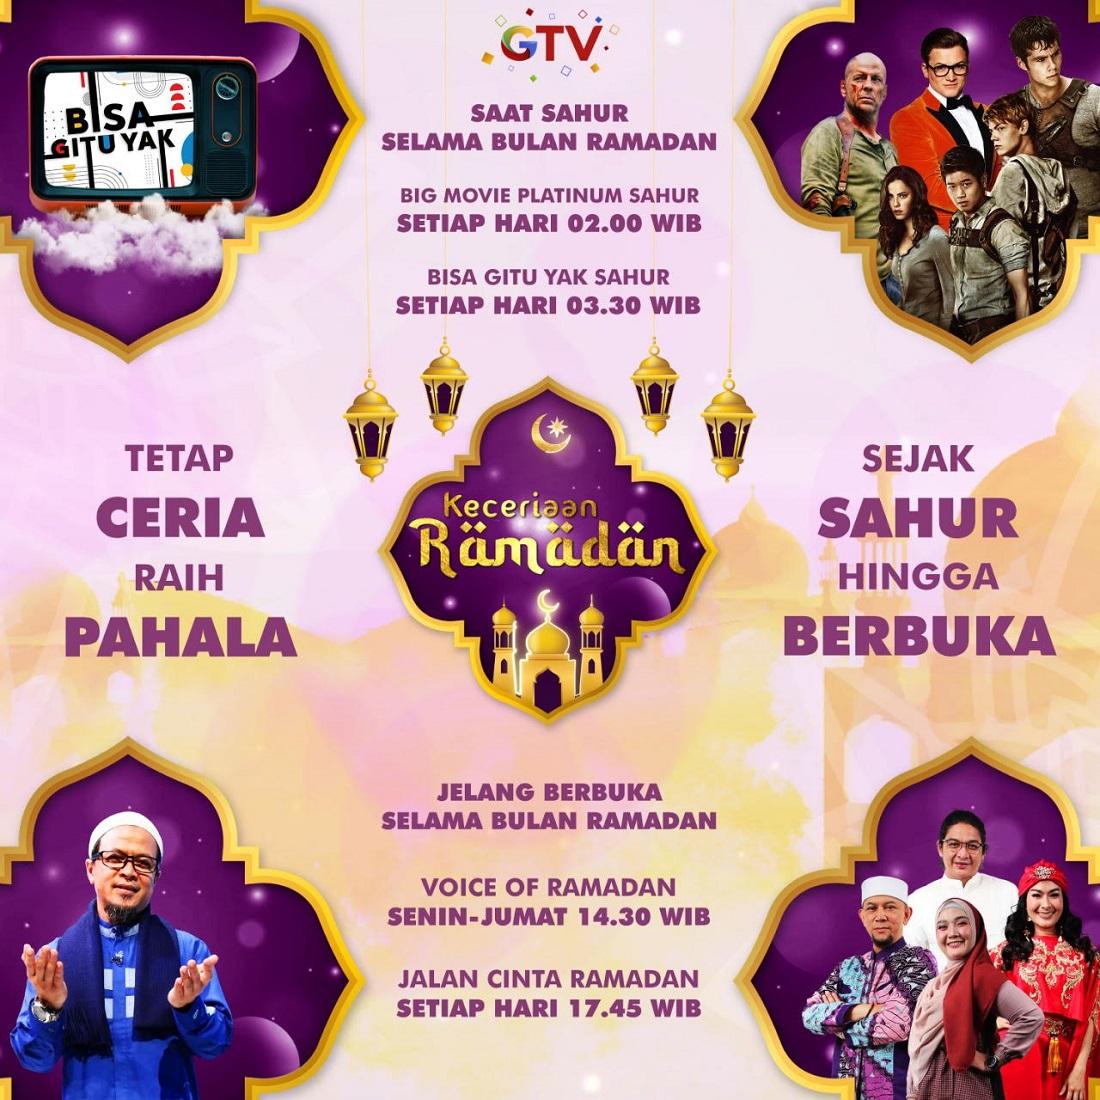 gtv-ramadan